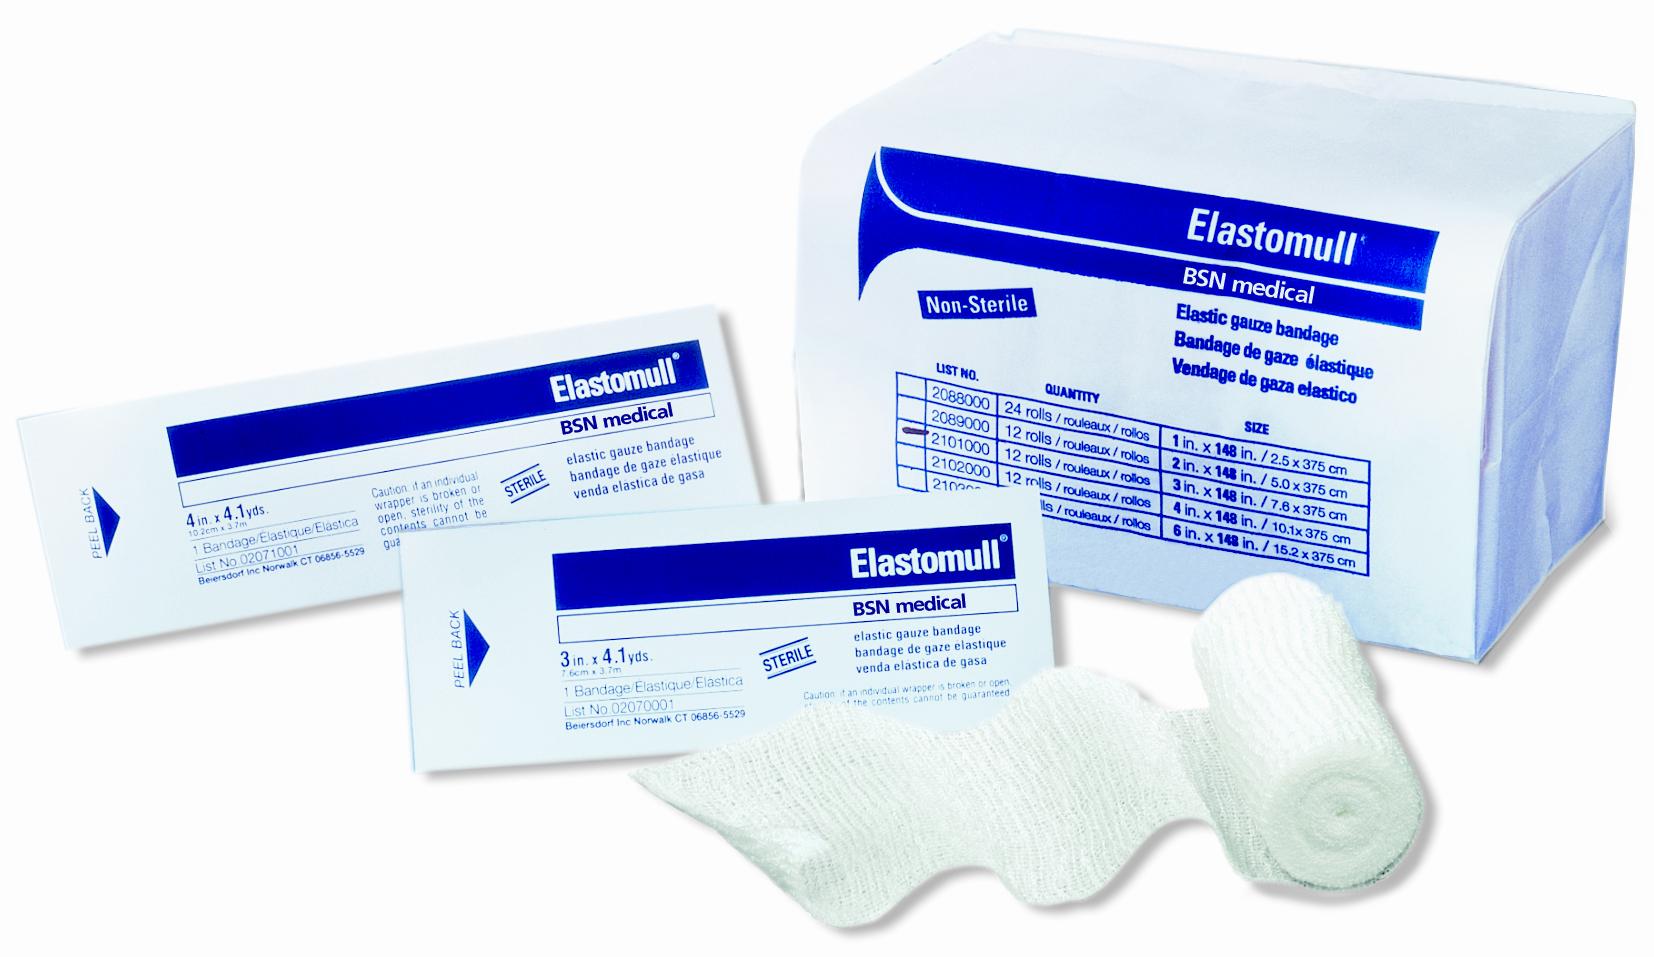 Elastomull® Elastic Gauze Bandage Non-Sterile 2INx4.1YD